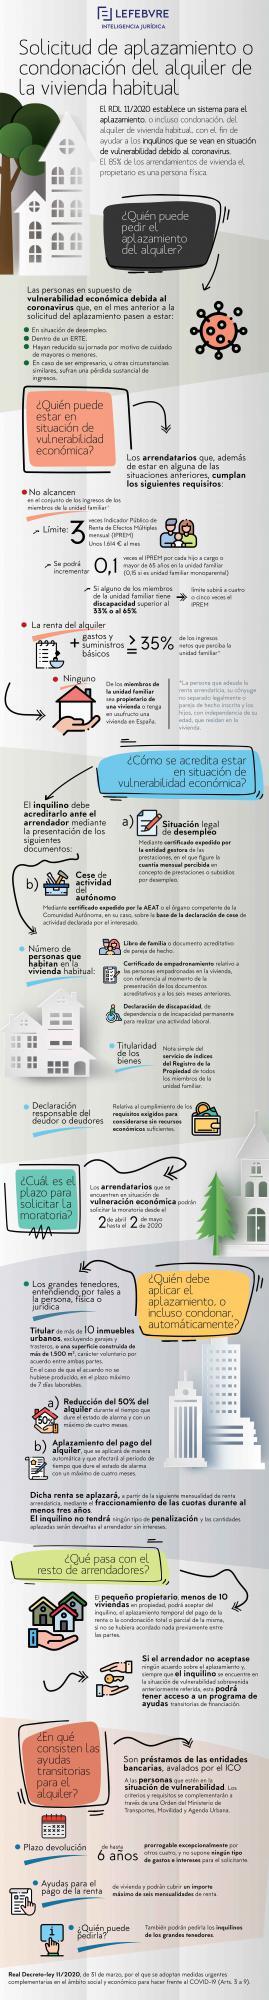 ¿Cuál es el procedimiento para solicitar el aplazamiento o condonación del alquiler de la vivienda habitual?